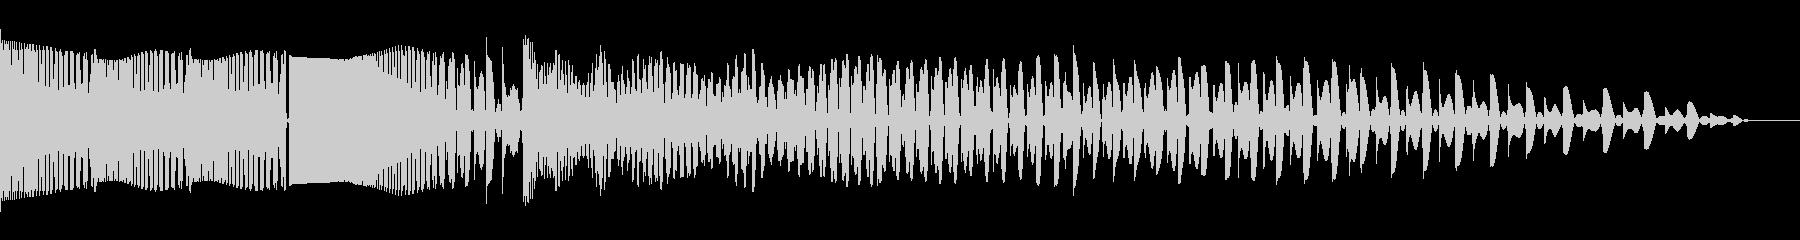 ビッグエレクトロザッパースワイプ3の未再生の波形